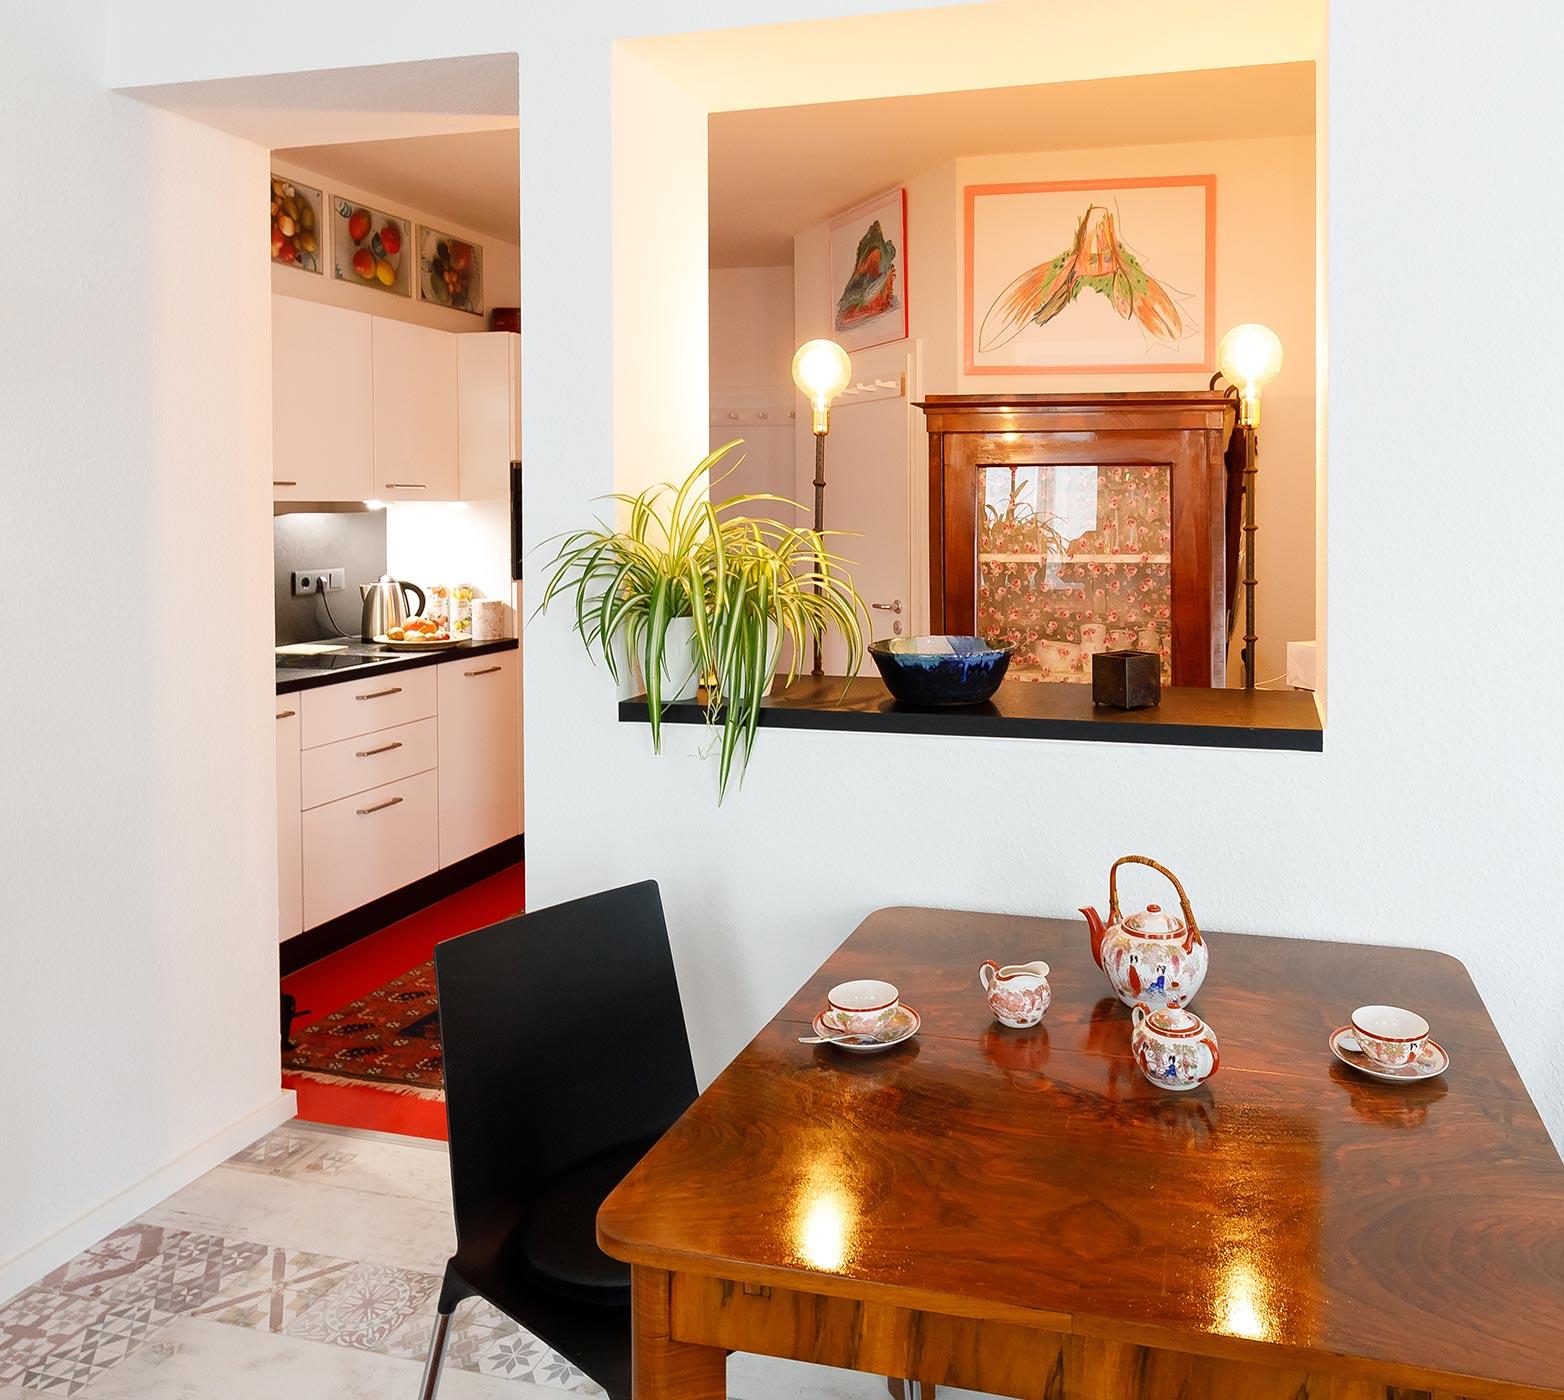 Appartement Amber in der Villa Freia, Ostseebad Binz, direkt an der Strandpromenade